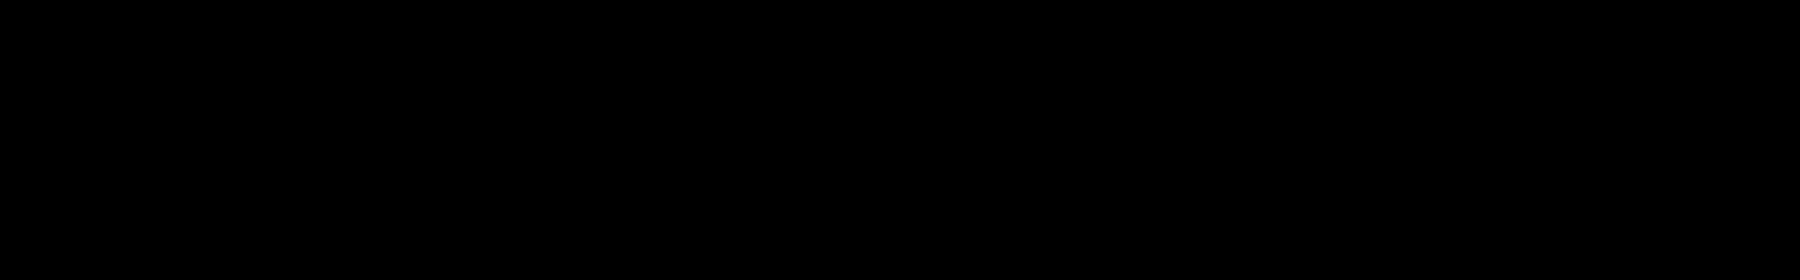 Omin Obscurus Atmosphaerum audio waveform